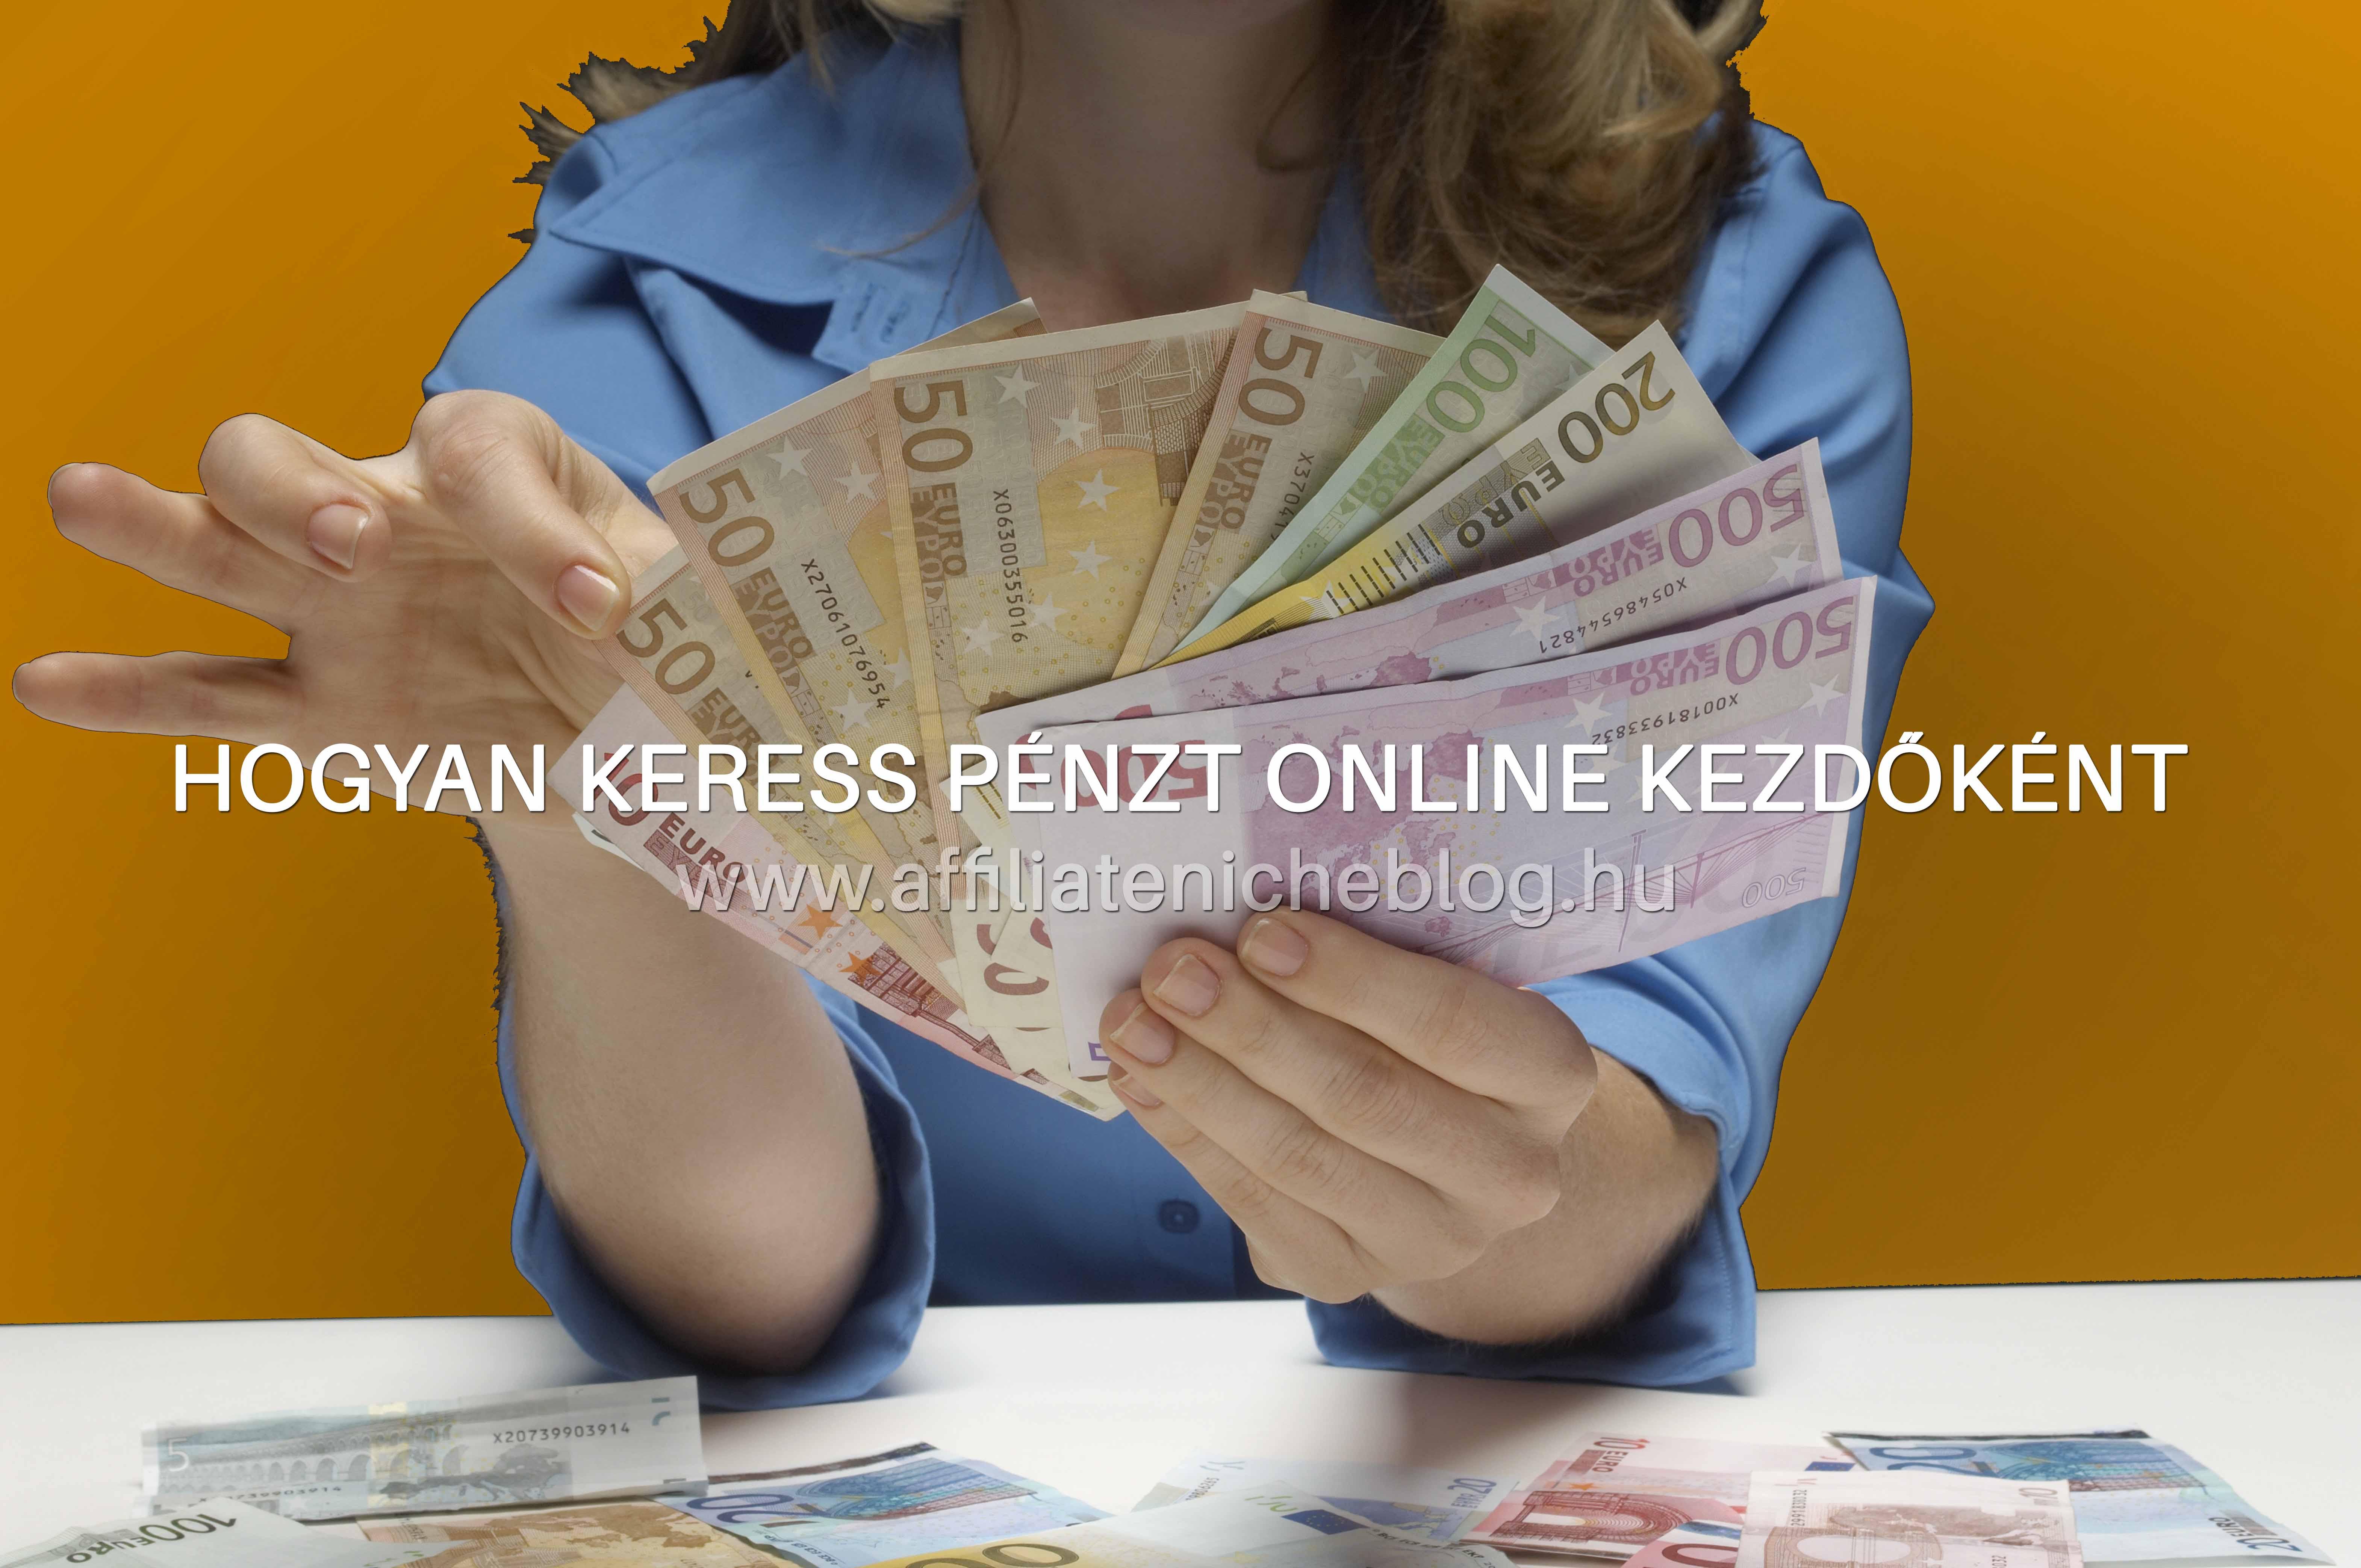 link, hogy pénzt keressen online)